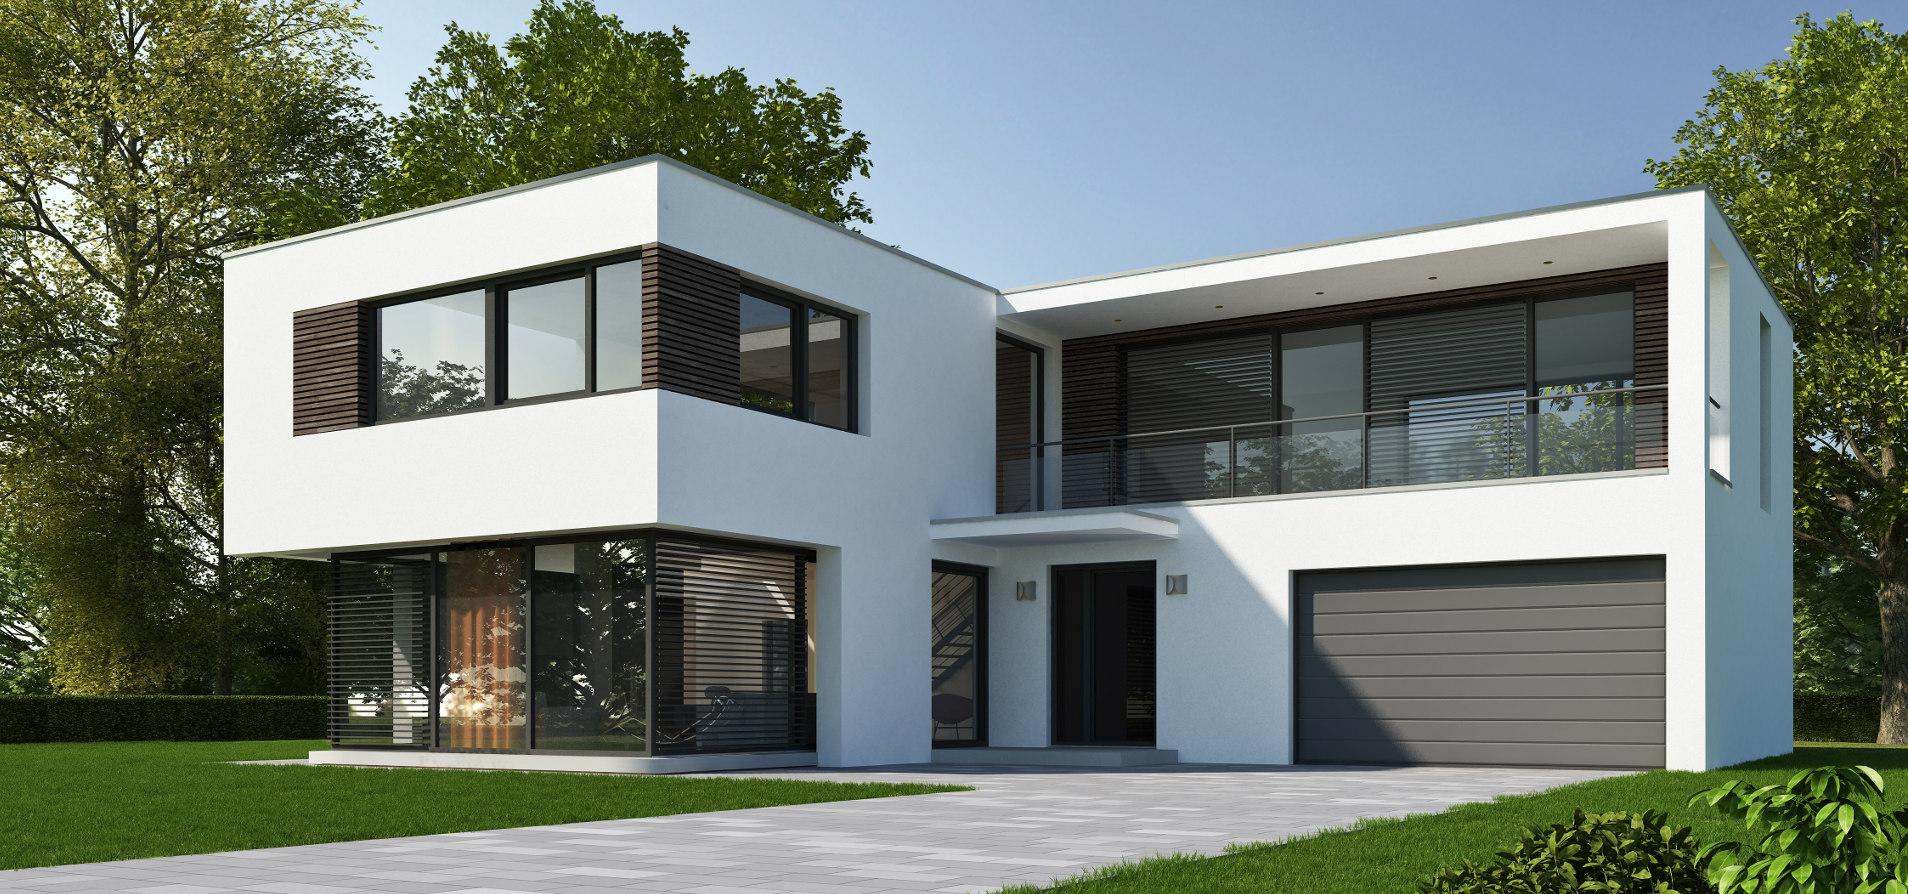 wer baut garagentore ein great schiebetore mit with wer. Black Bedroom Furniture Sets. Home Design Ideas